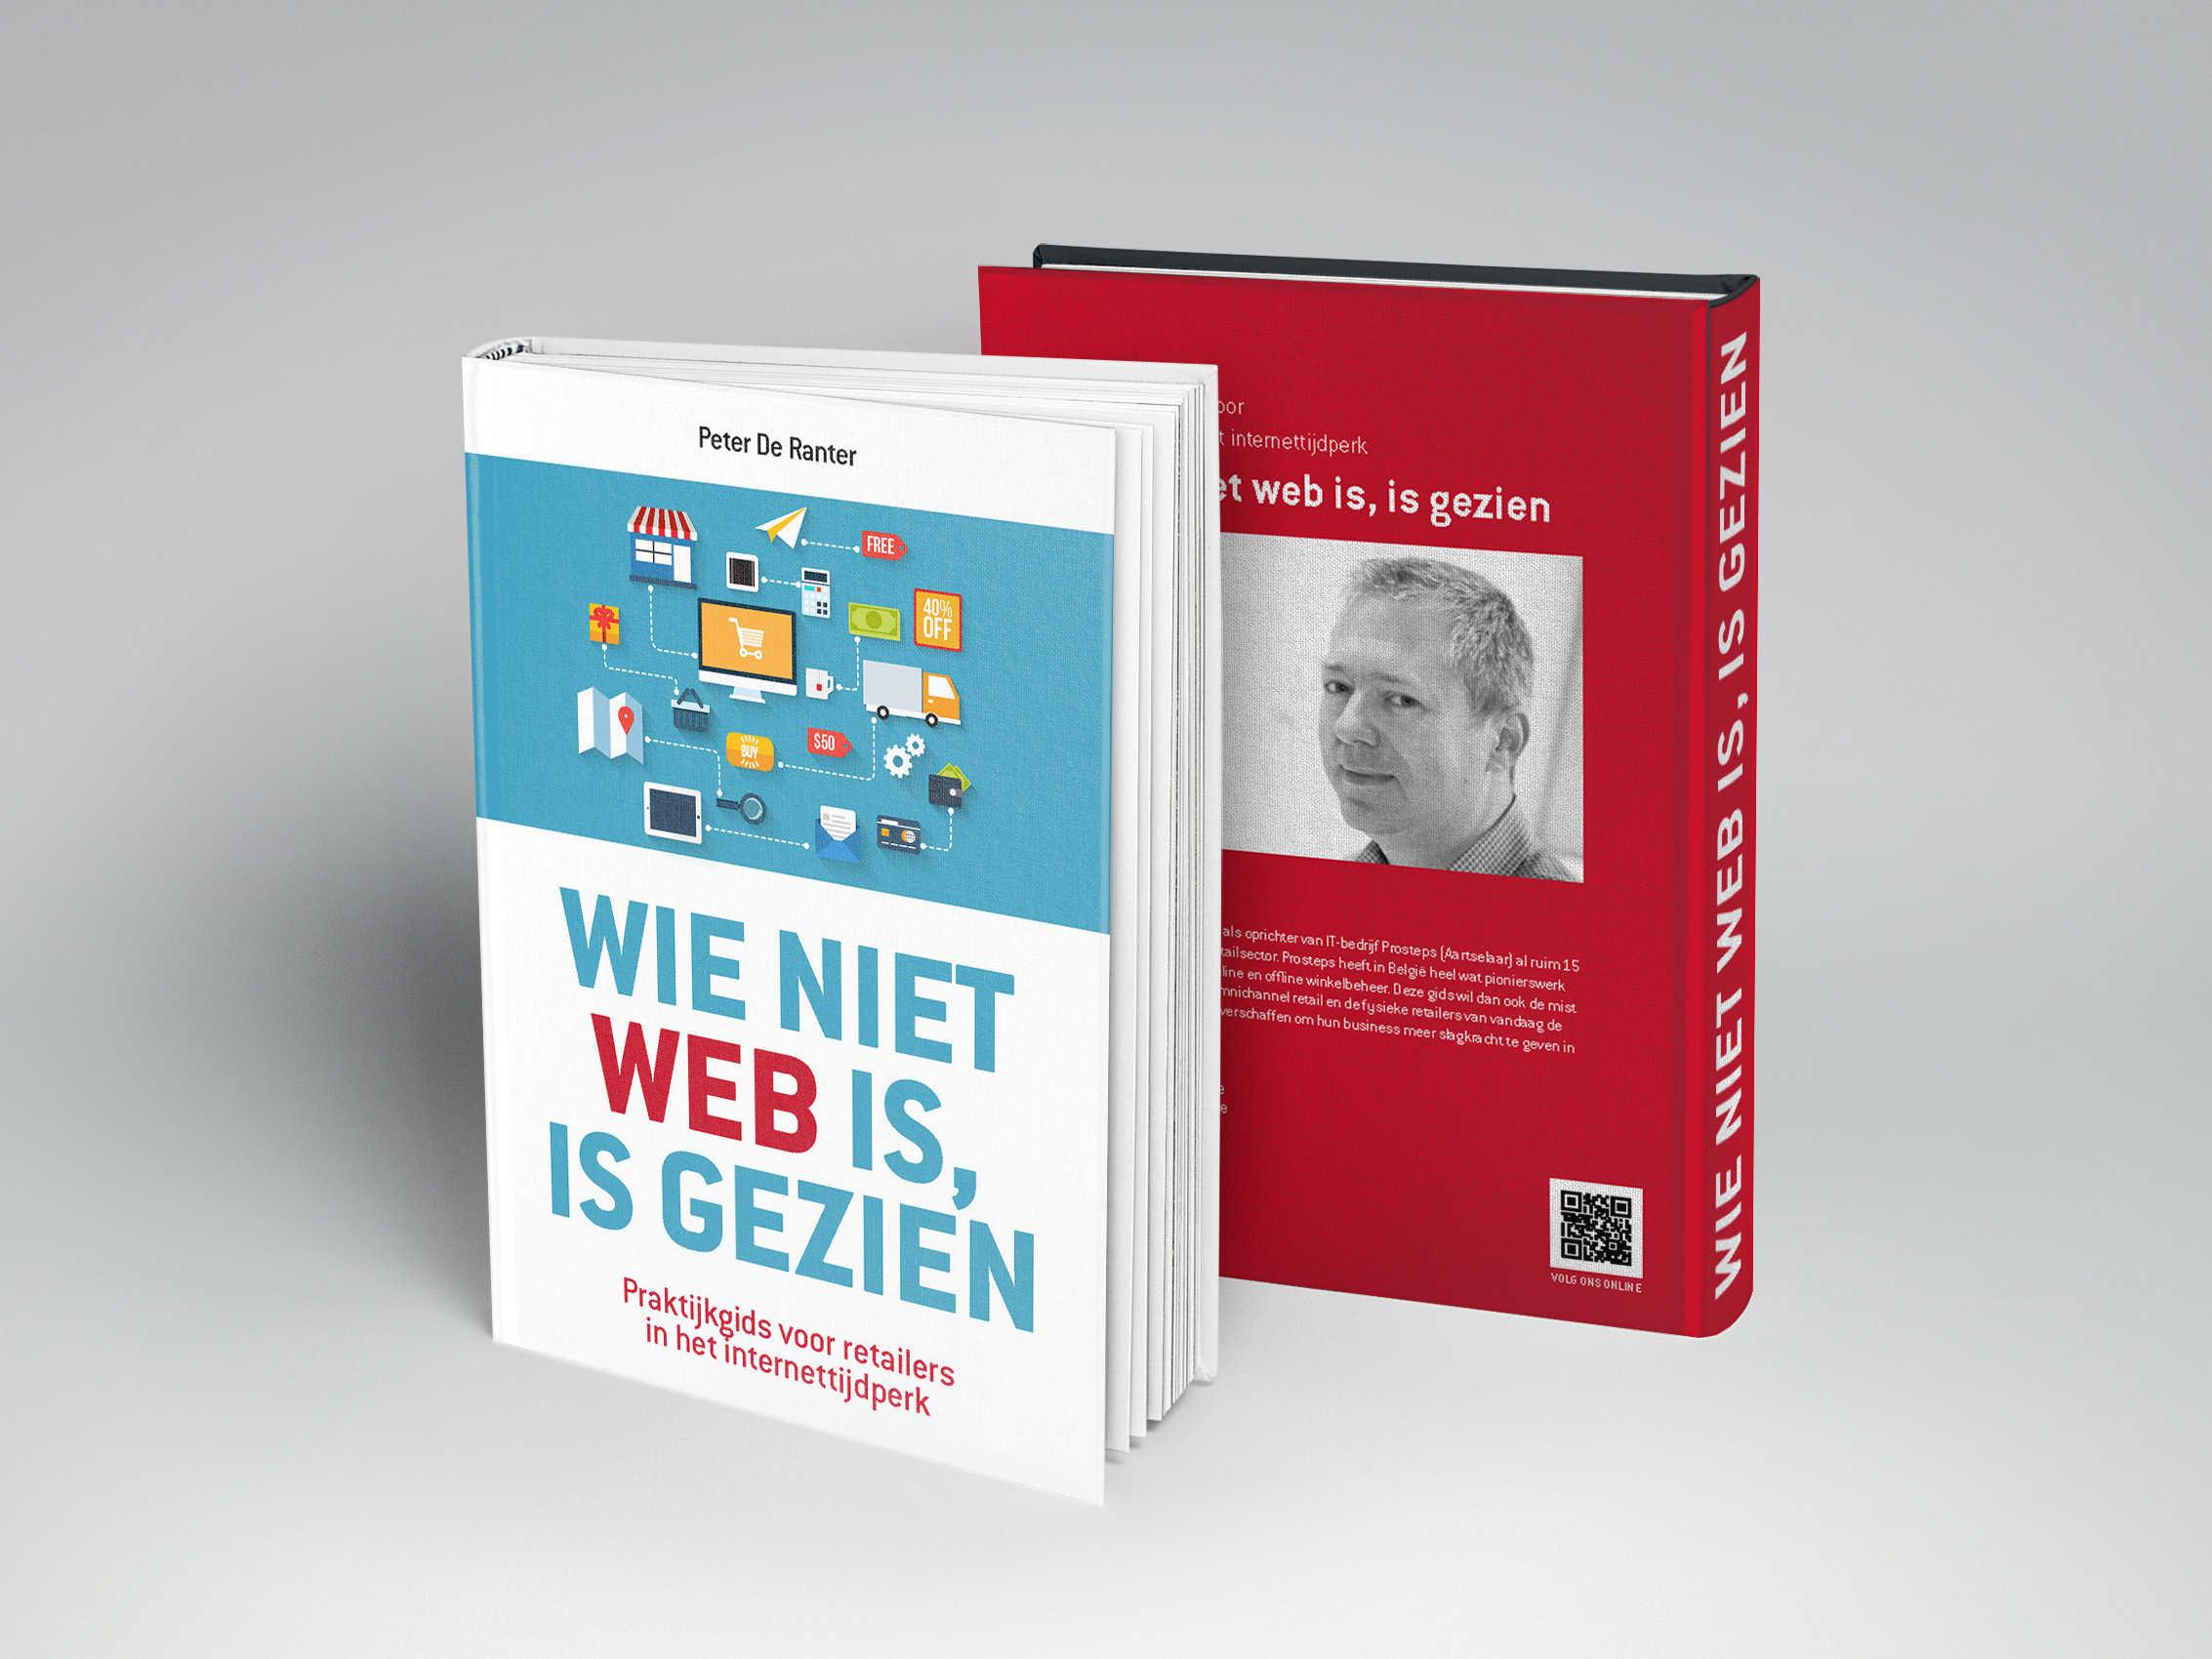 omnichannel gratis boek